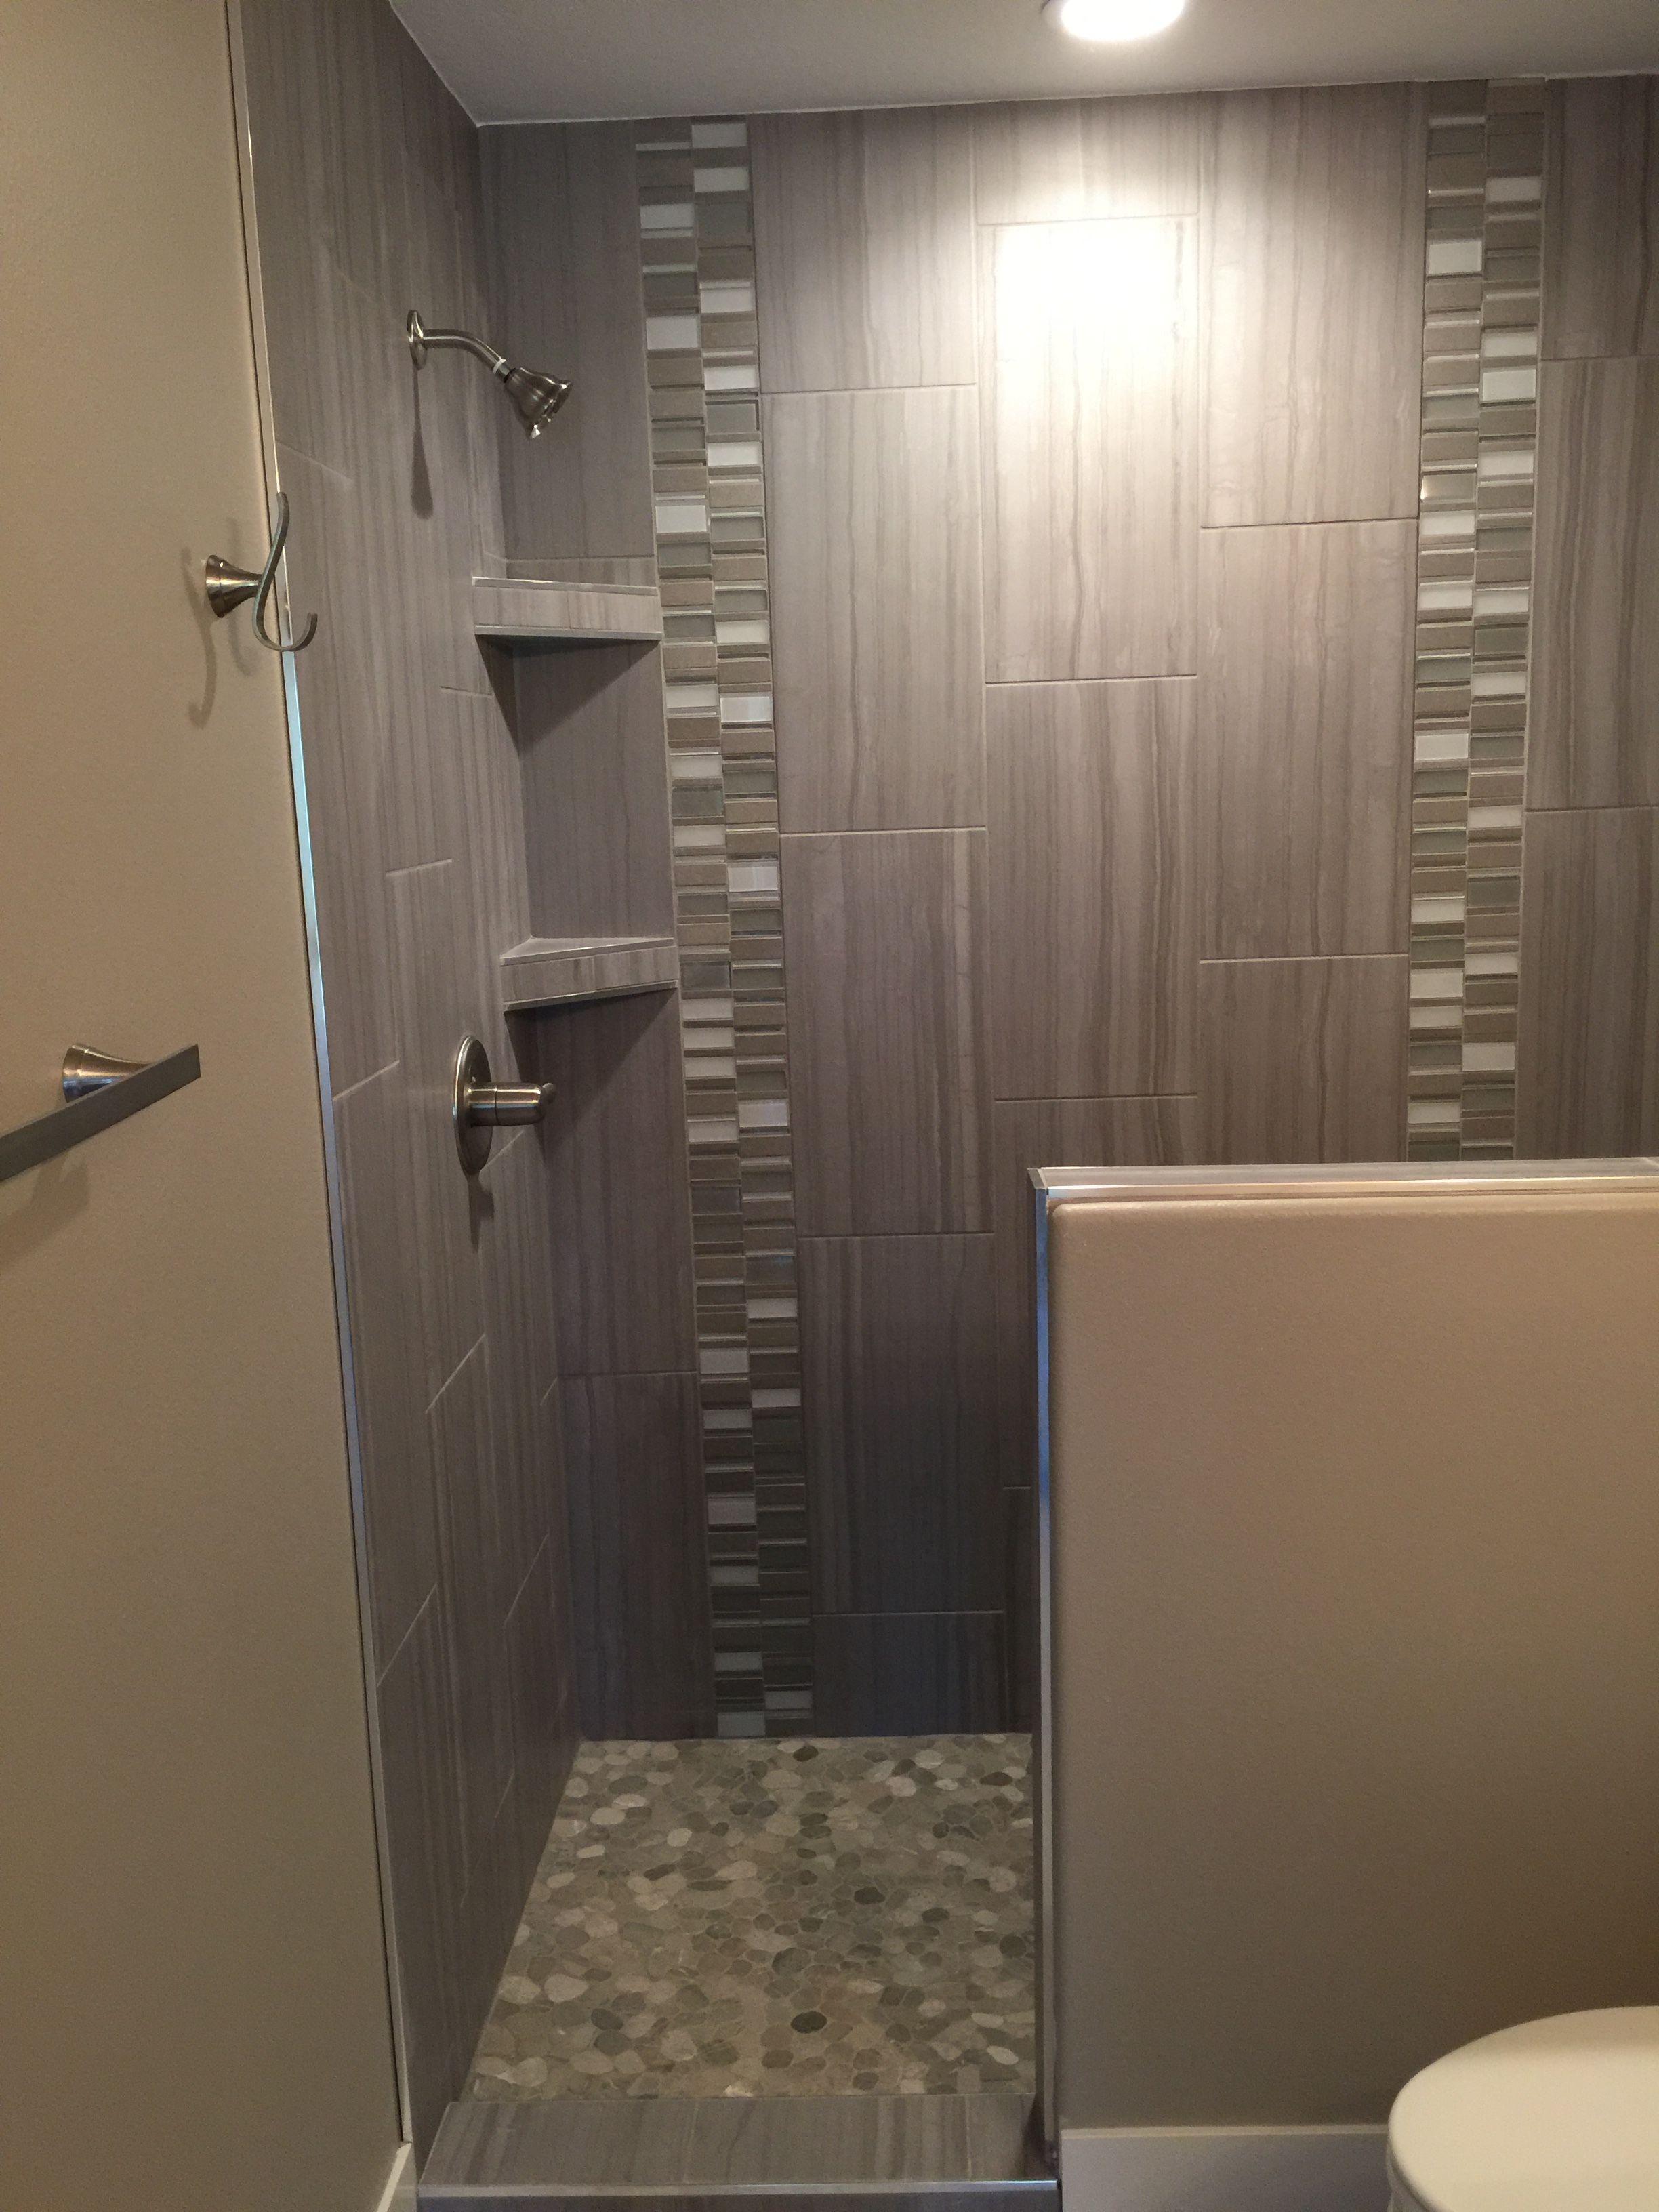 Custom Tiled Shower In 12x24 Porcelain Tile Installed At A 1 3